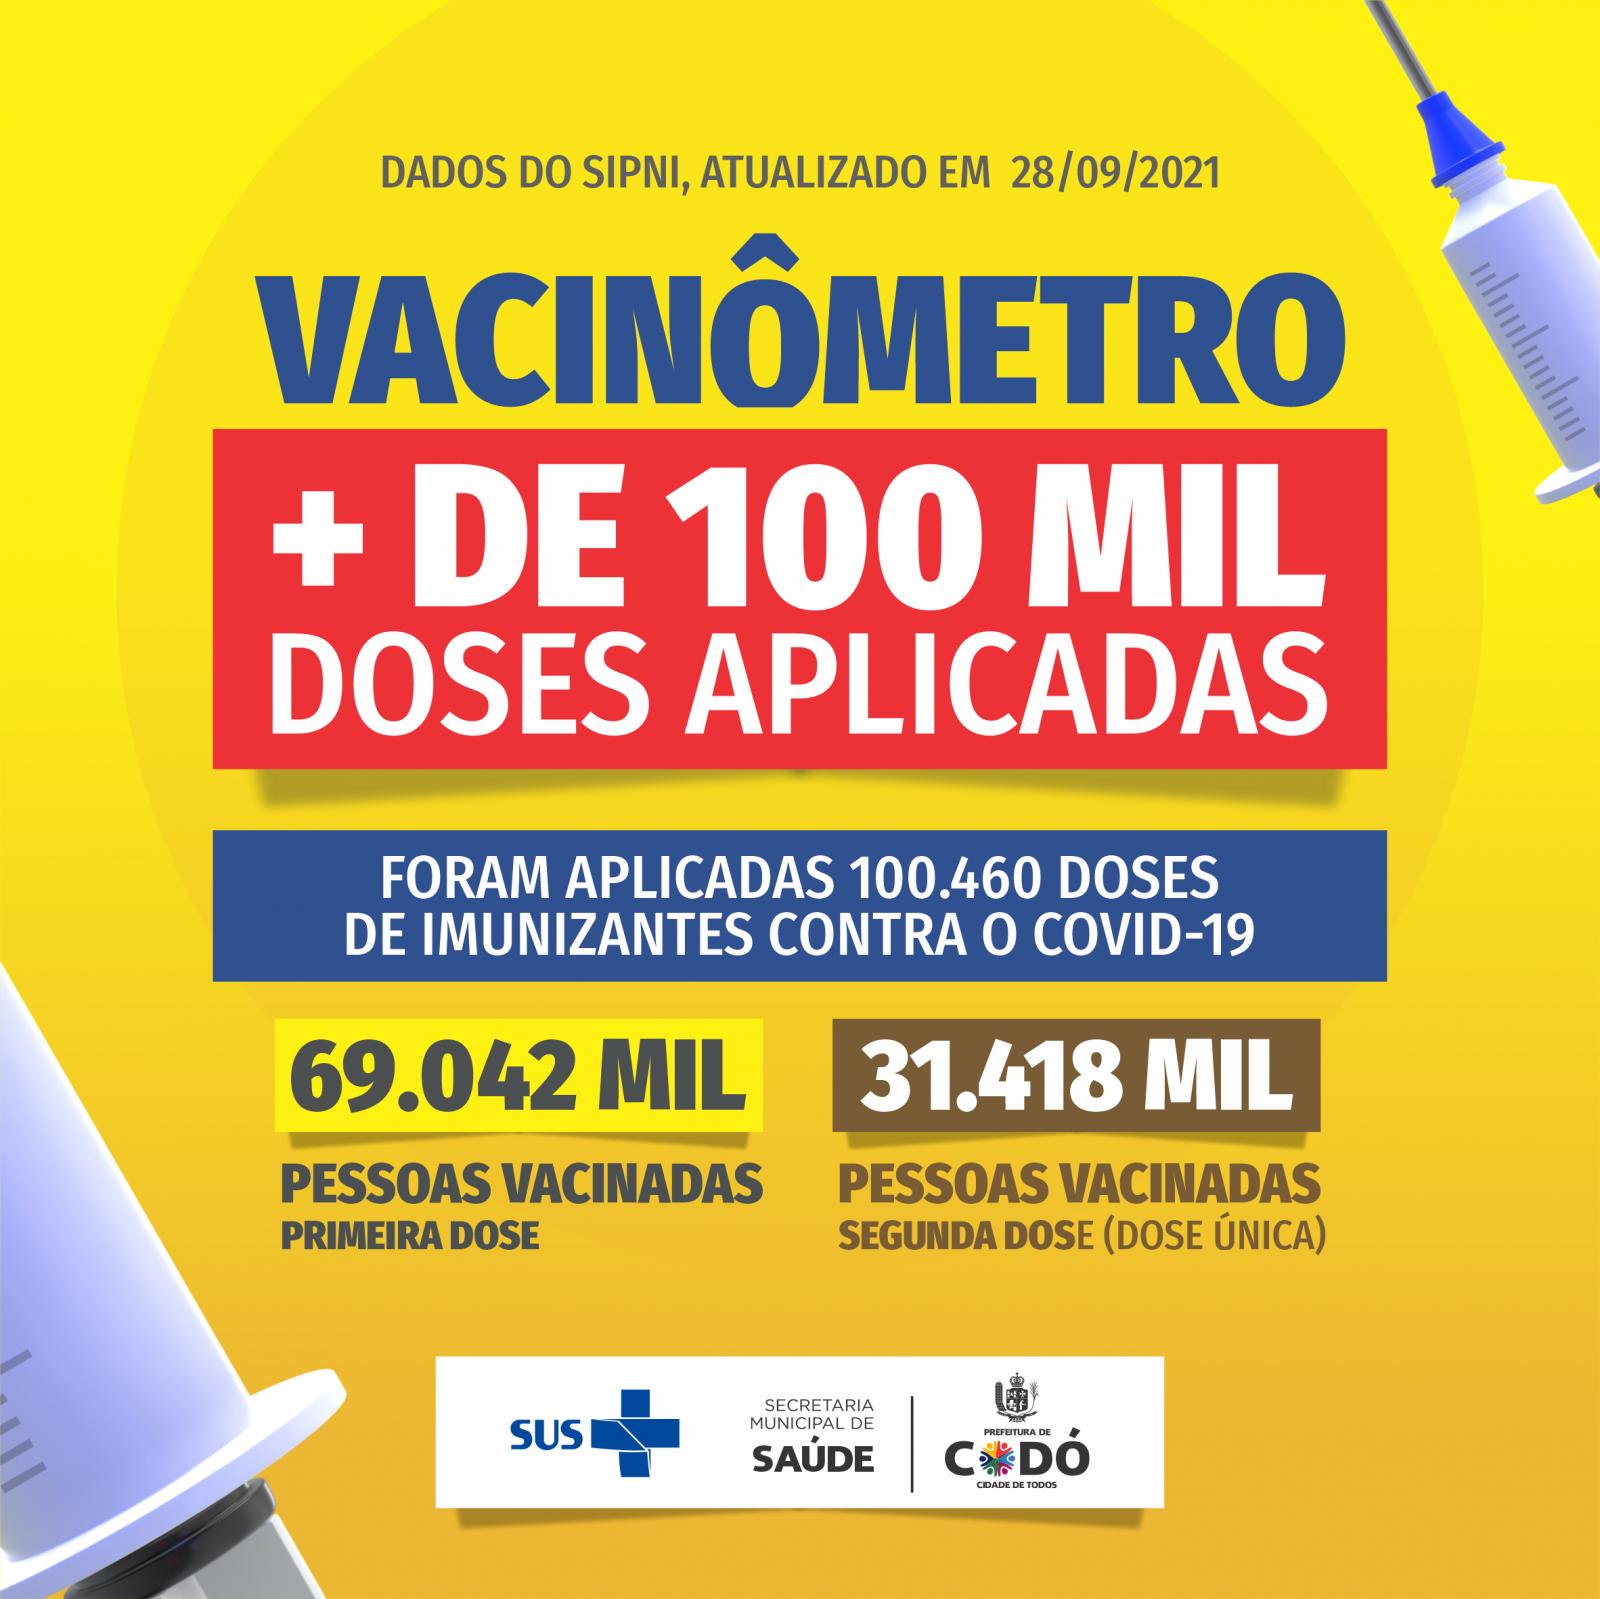 Codó já aplicou mais de 100 mil doses de vacina contra a Covid-19